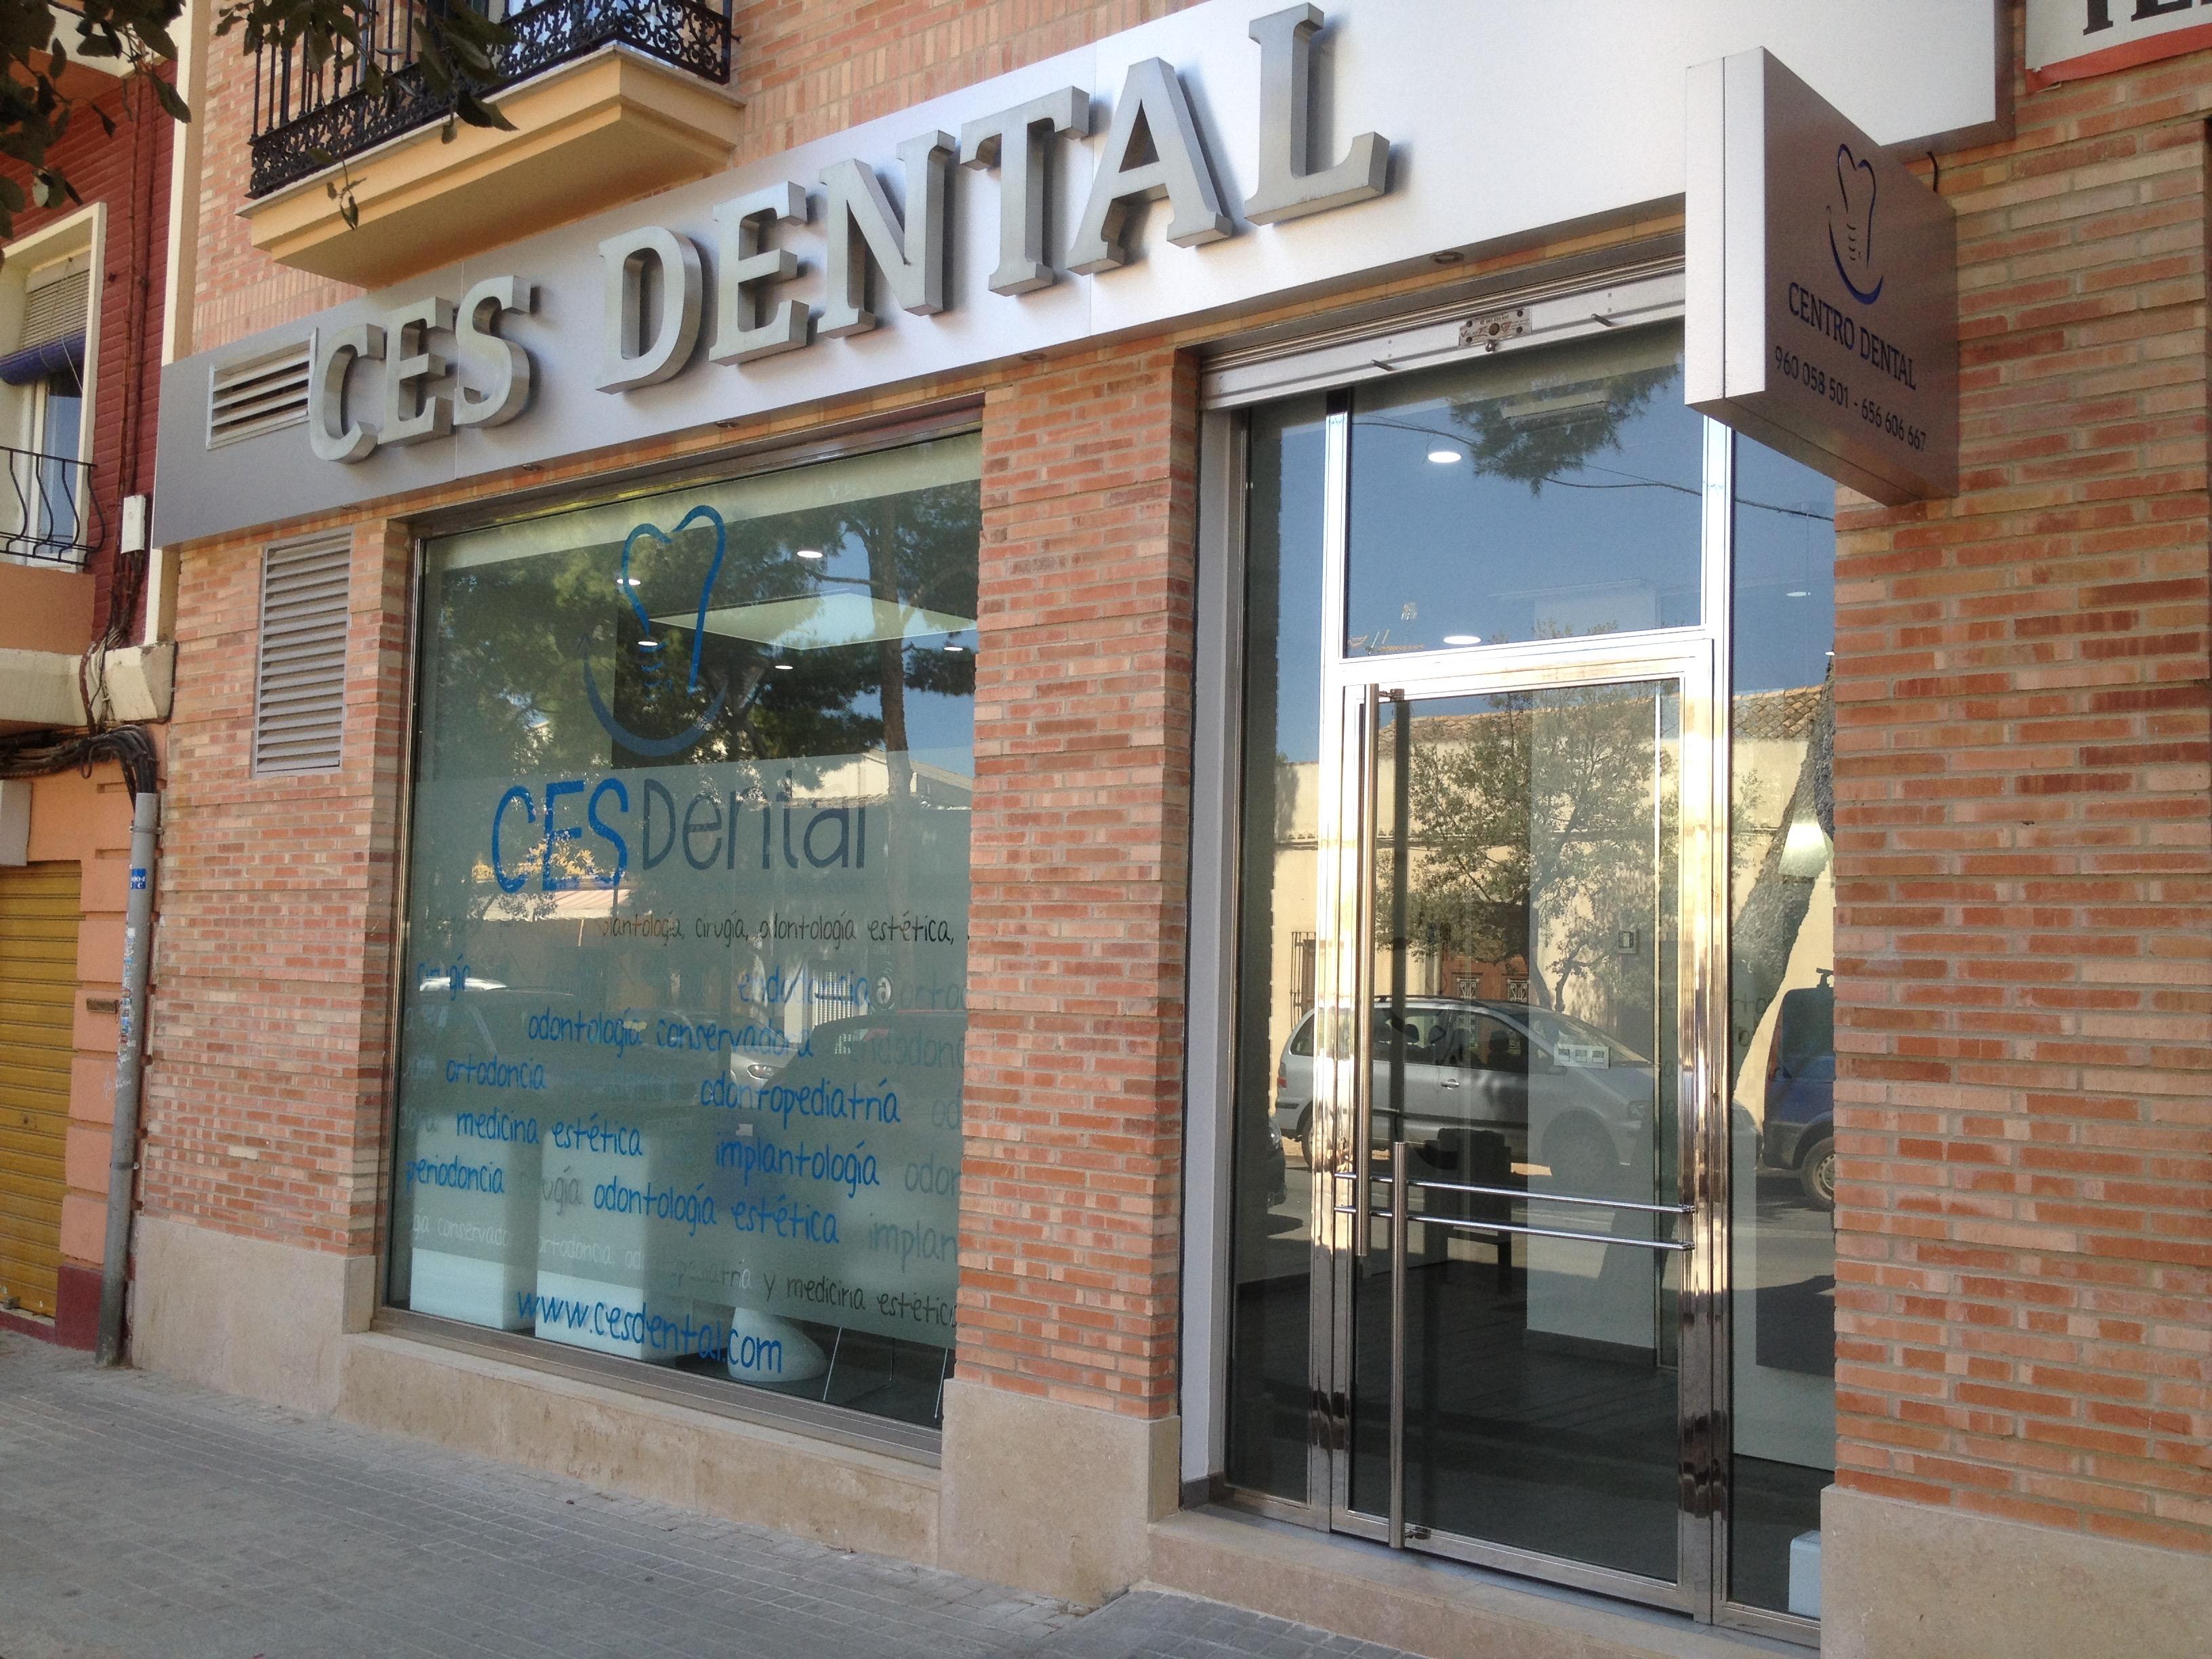 Ces dental acogedora y pr ctica david moreno interiores for Proyectos interiorismo valencia